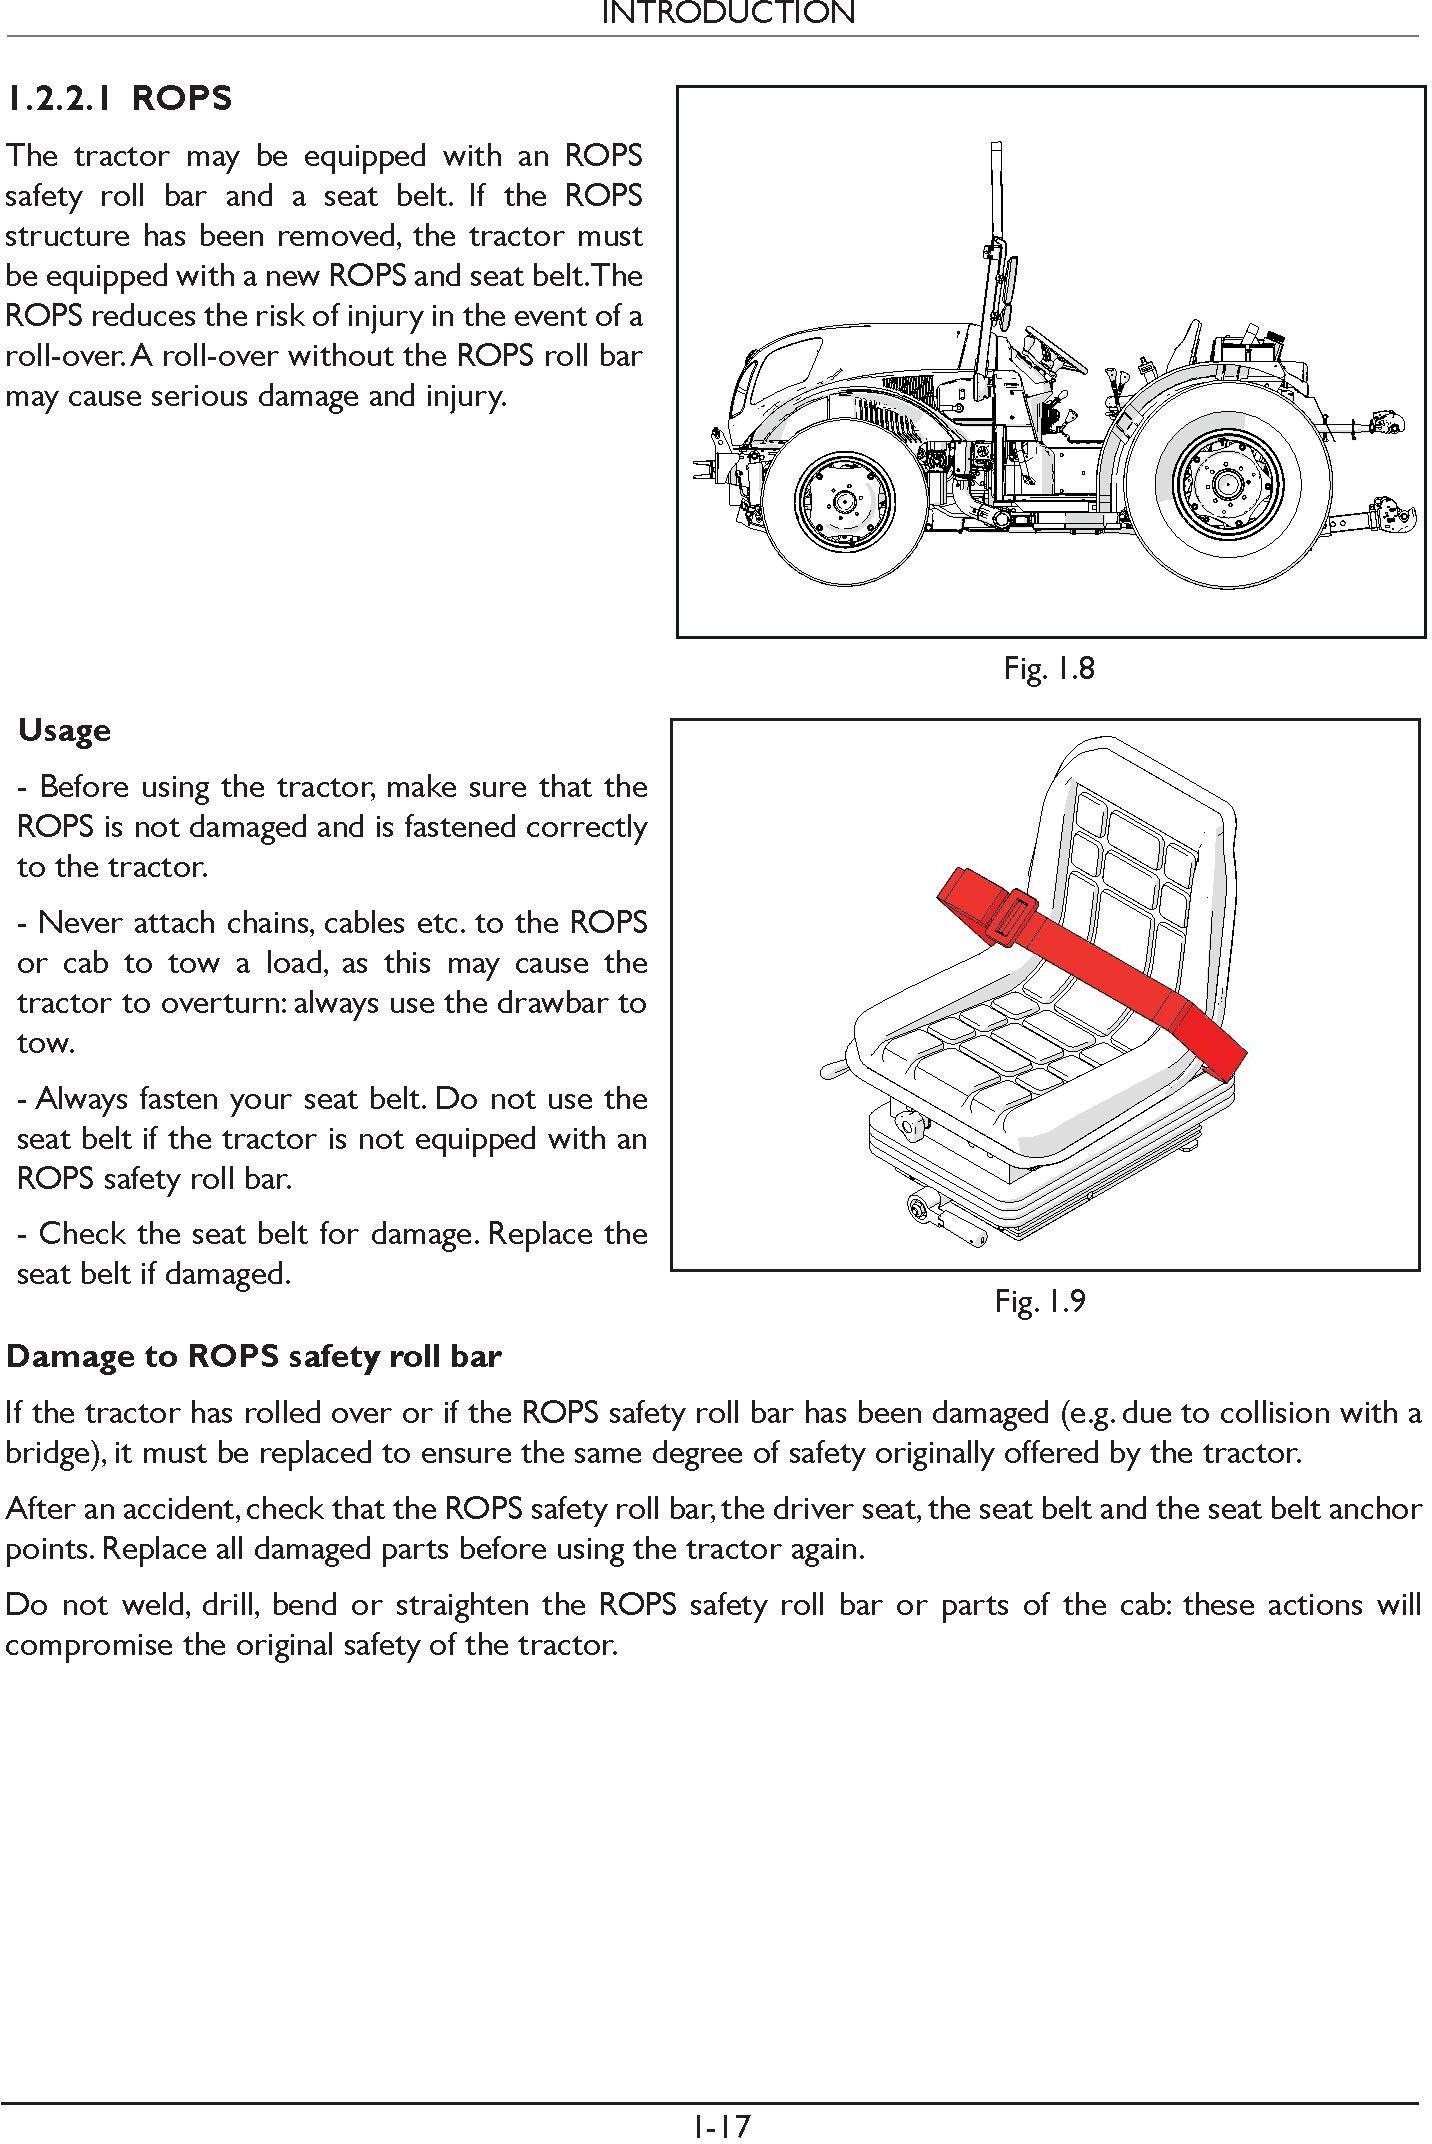 New Holland T4.90 FB, T4.100 FB, T4.110 FB Tractor Service Manual - 1